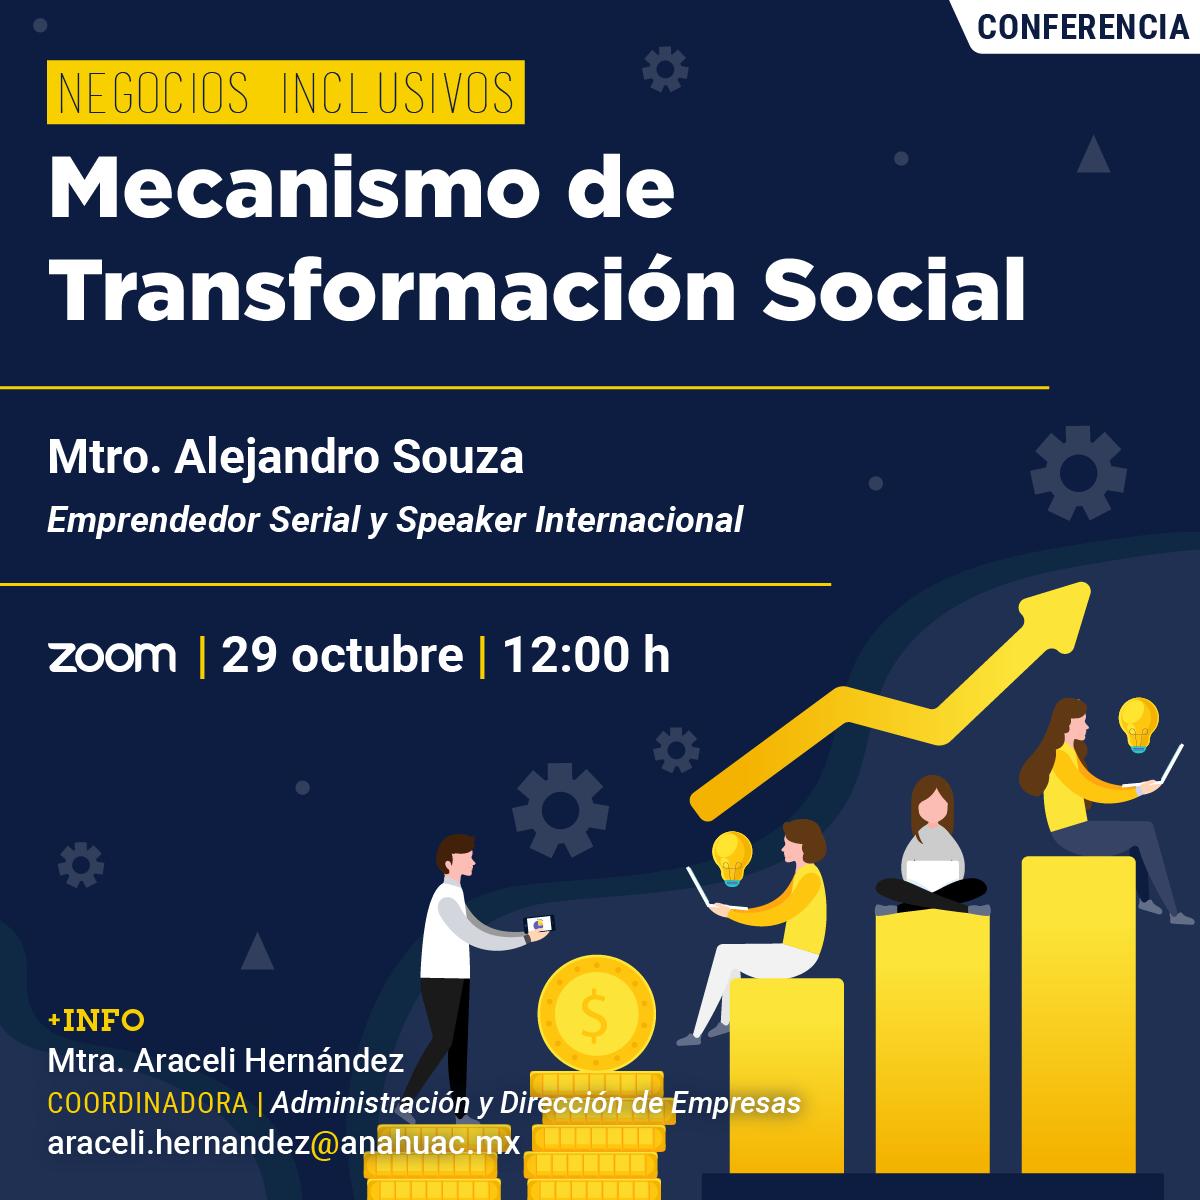 Negocios Inclusivos: Mecanismo de Transformación Social